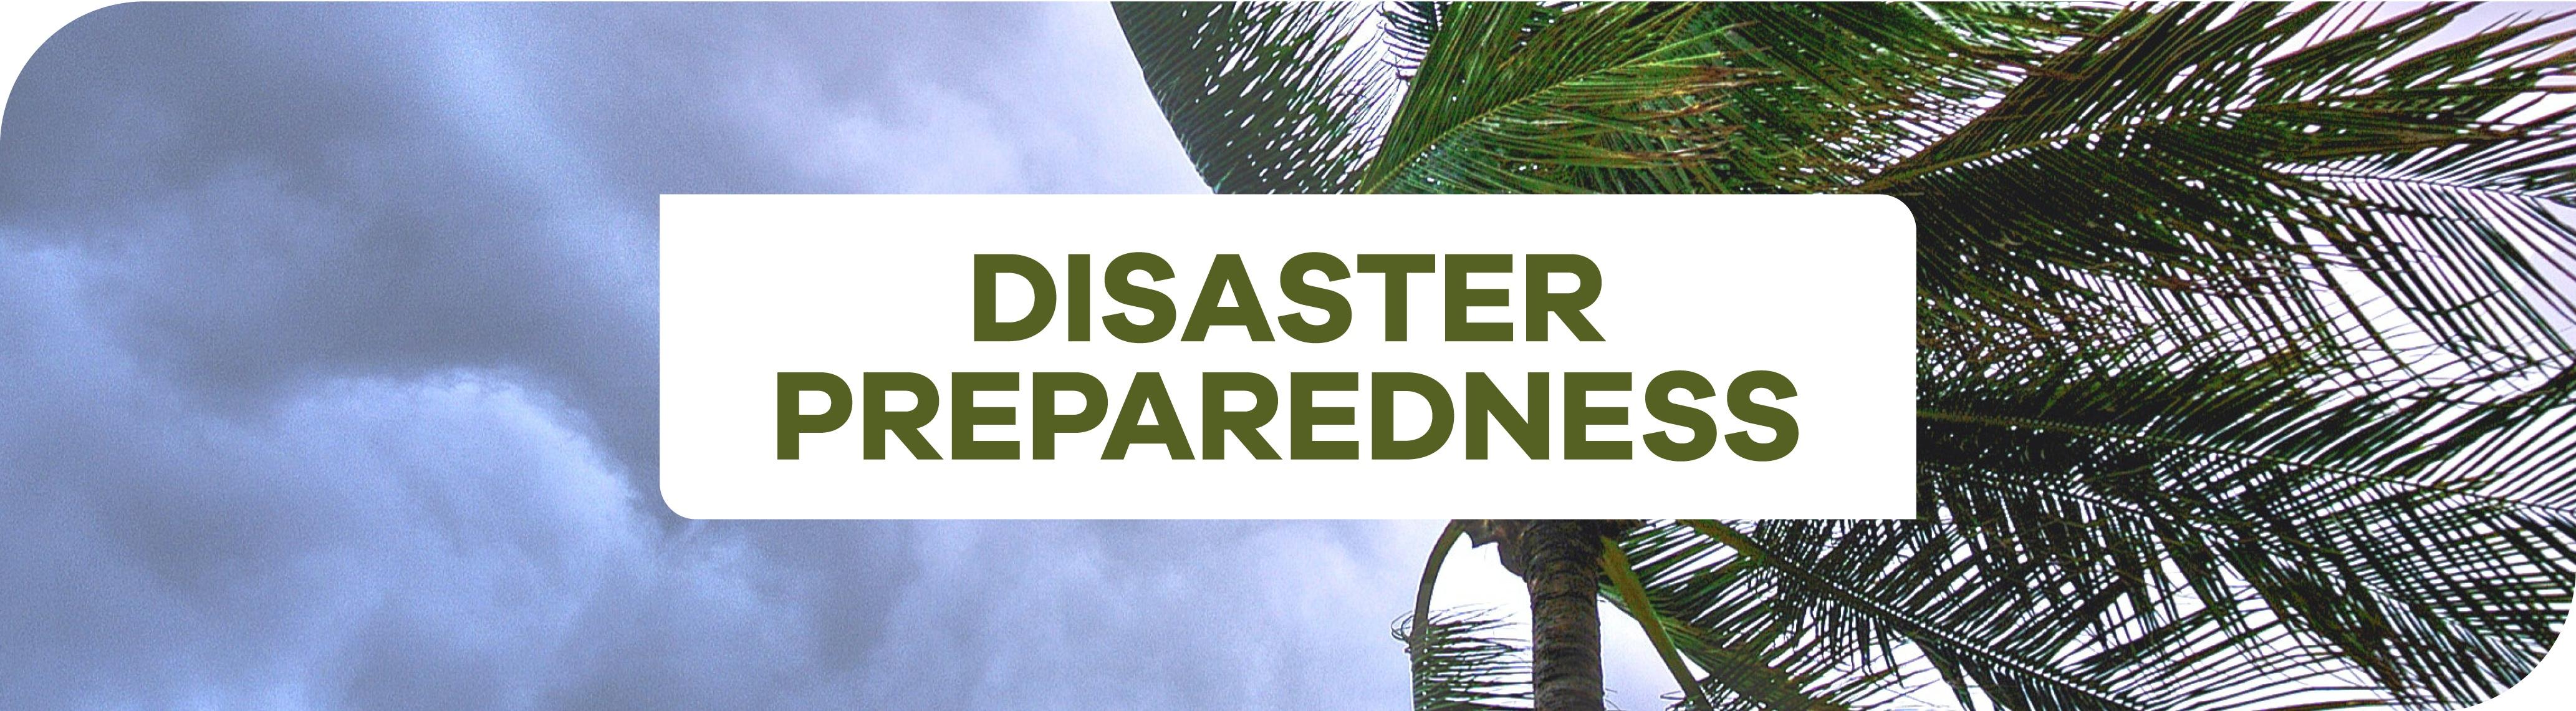 1_Website-Headers-Storm-Update